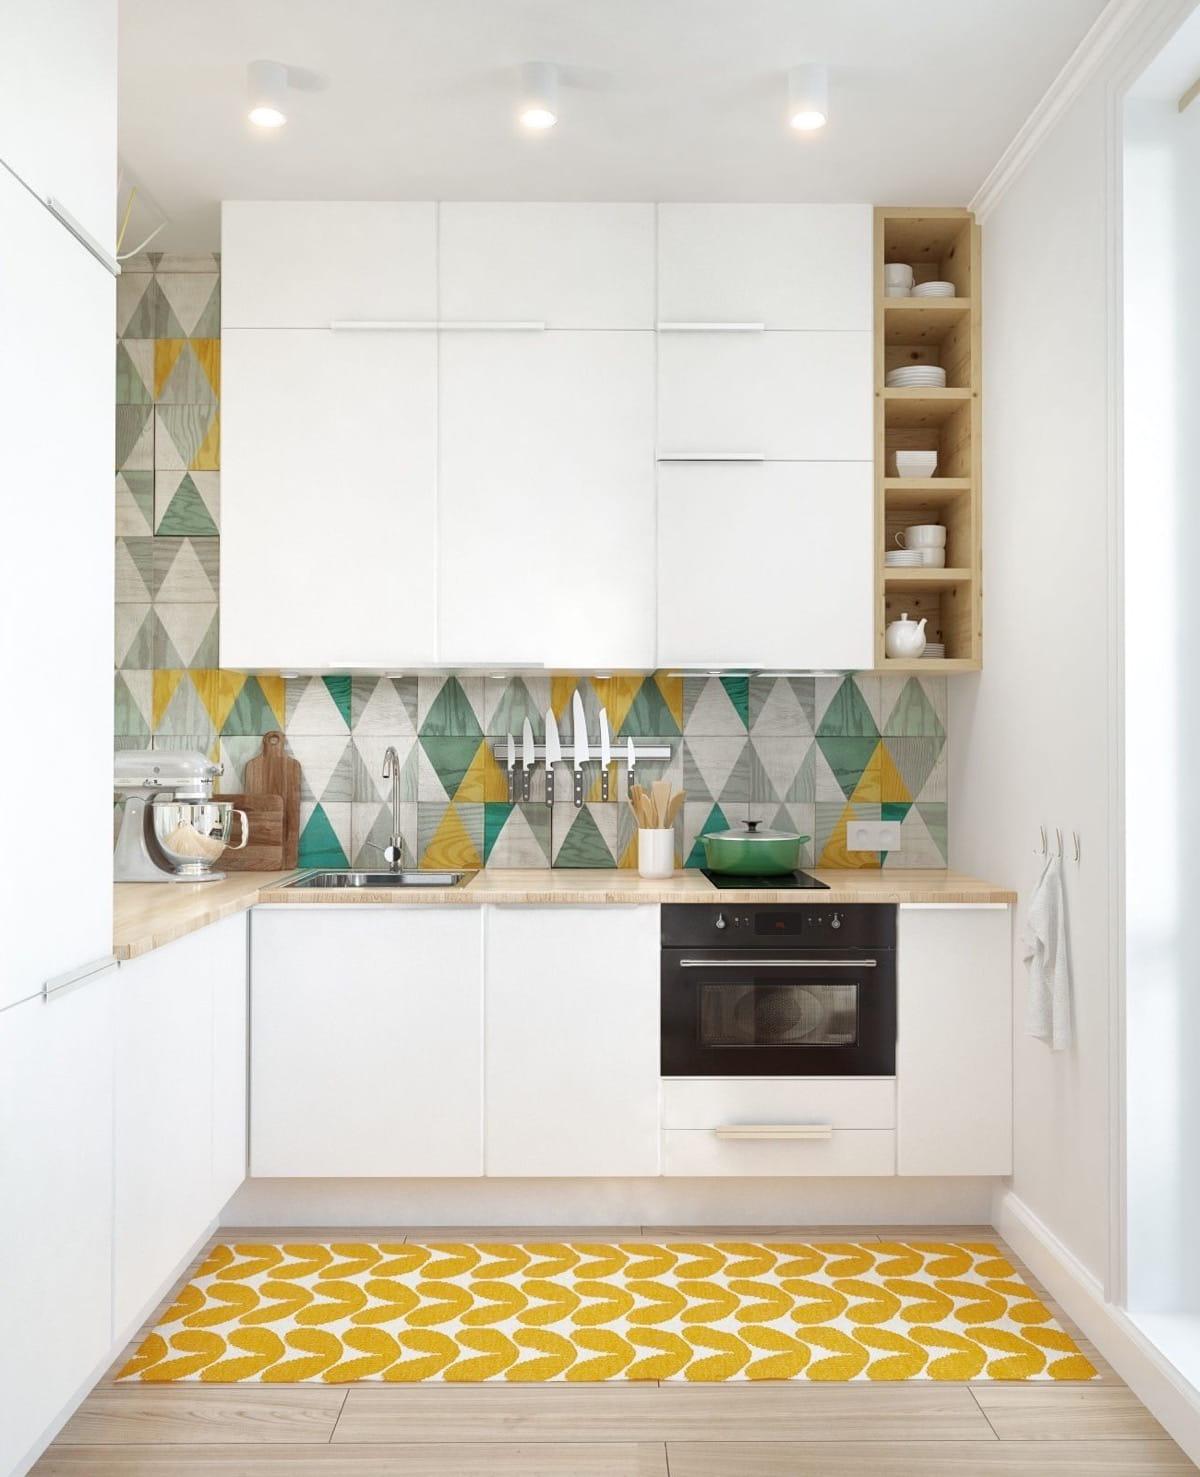 conception d'un petit appartement photo 6